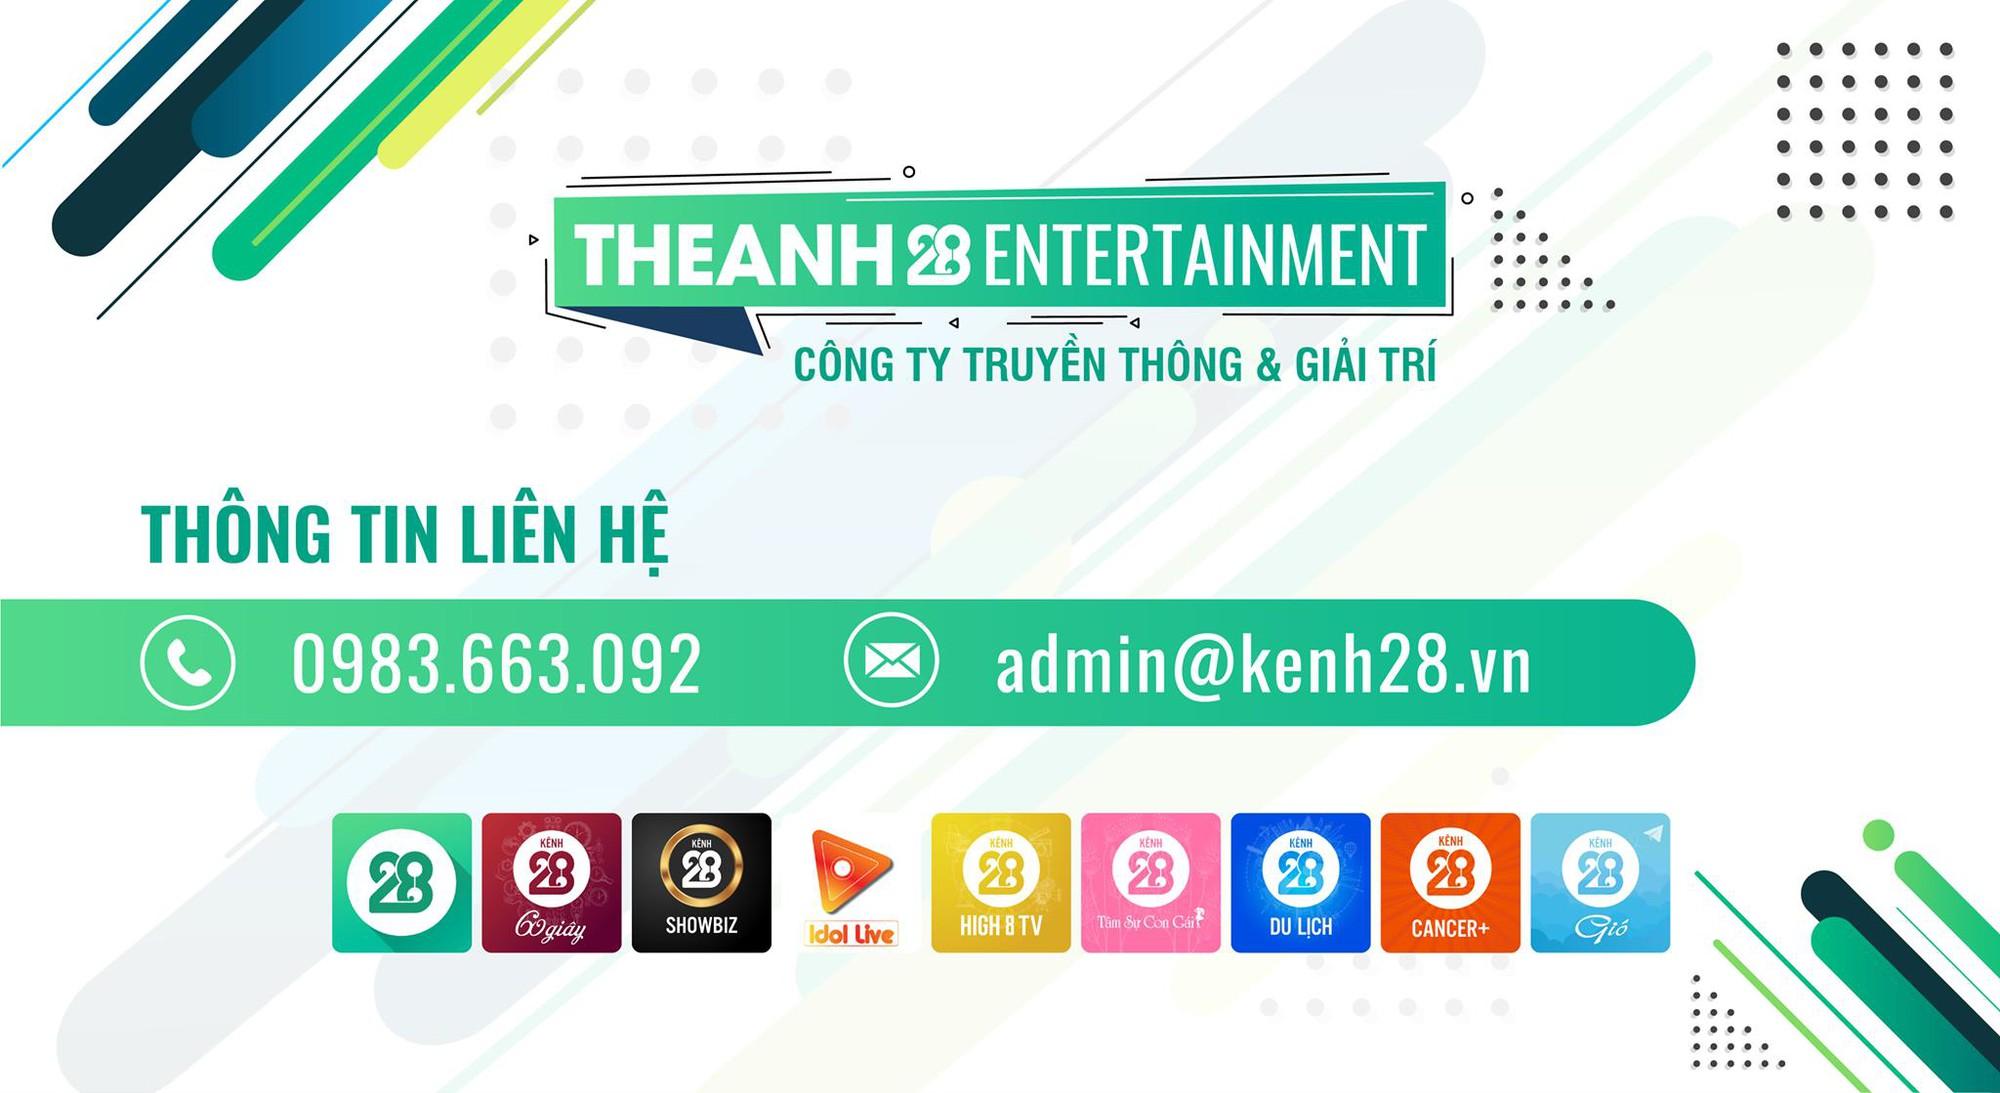 Theanh28 Entertainment - Công ty truyền thông và giải trí có bàn tay vàng trong làng Top Trending - Ảnh 1.